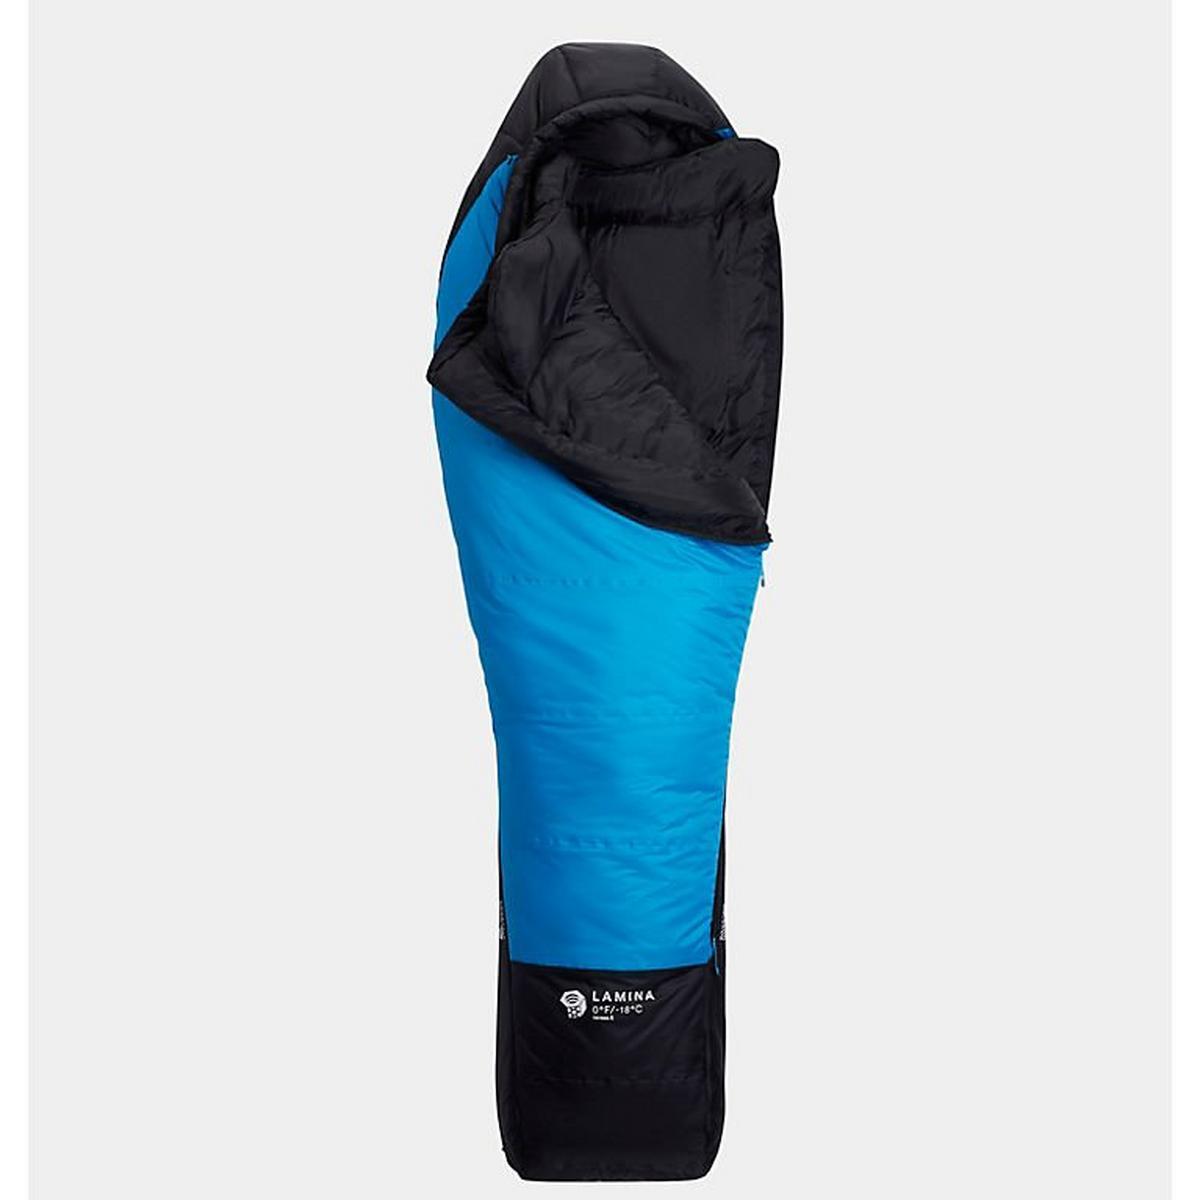 Mountain Hardwear Lamina 0F/-18C Sleeping Bag